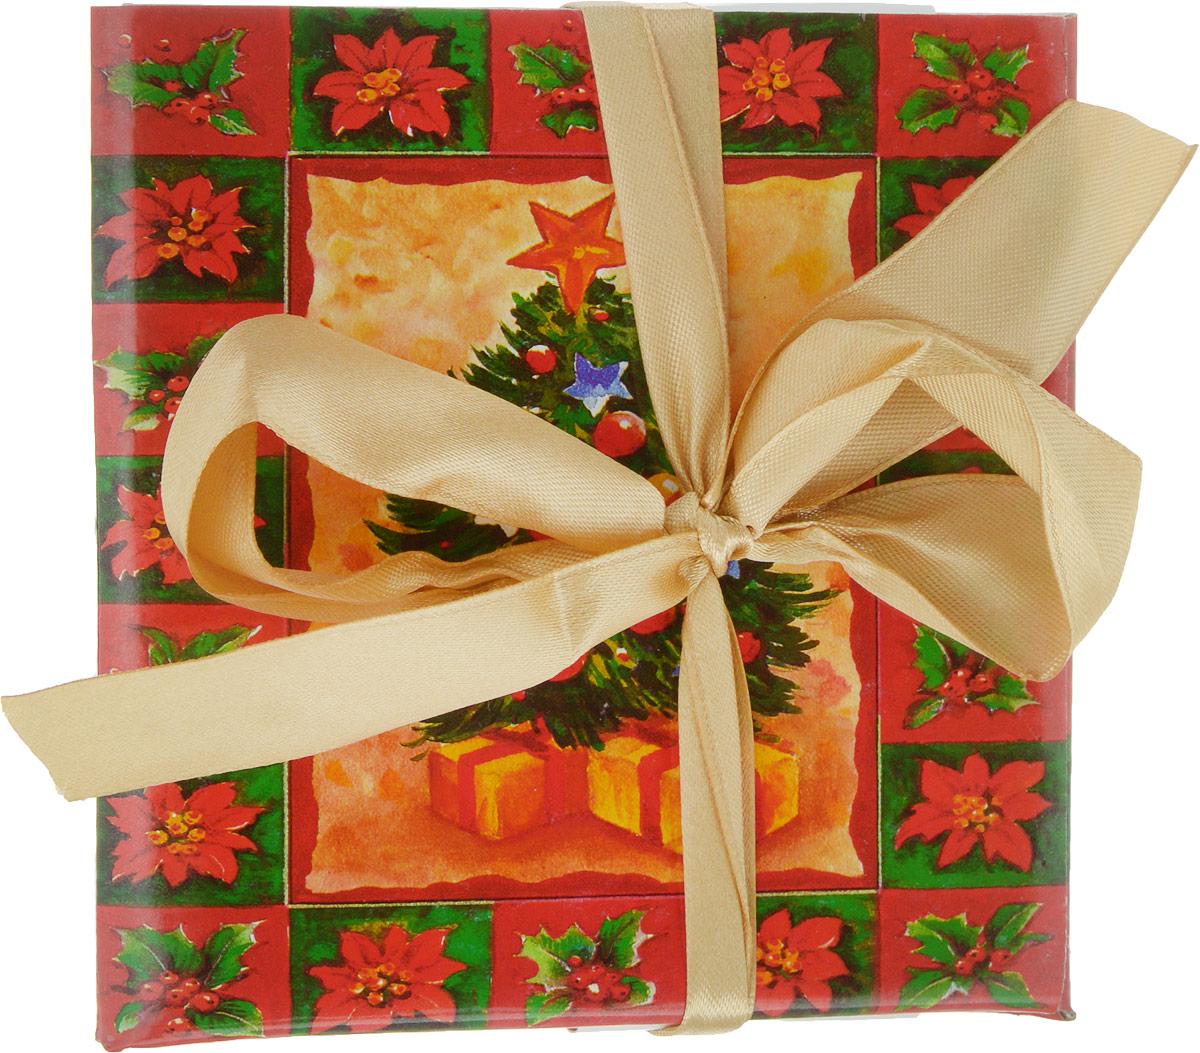 Коробка подарочная Winter Wings, цвет: красный, золотой, 12 х 12 х 12 смN14060/128_красный, золотойРаскладная подарочная коробка Winter Wings выполнена изпрочного картона. Изделие оформлено новогодним рисунком. Подарочная коробка - это наилучшее решение, если вы хотите порадовать вашихблизких и создать праздничное настроение, ведь подарок, преподнесенный воригинальной упаковке, всегда будет самым эффектным и запоминающимся.Окружите близких людей вниманием и заботой, вручив презент в нарядном,праздничном оформлении.